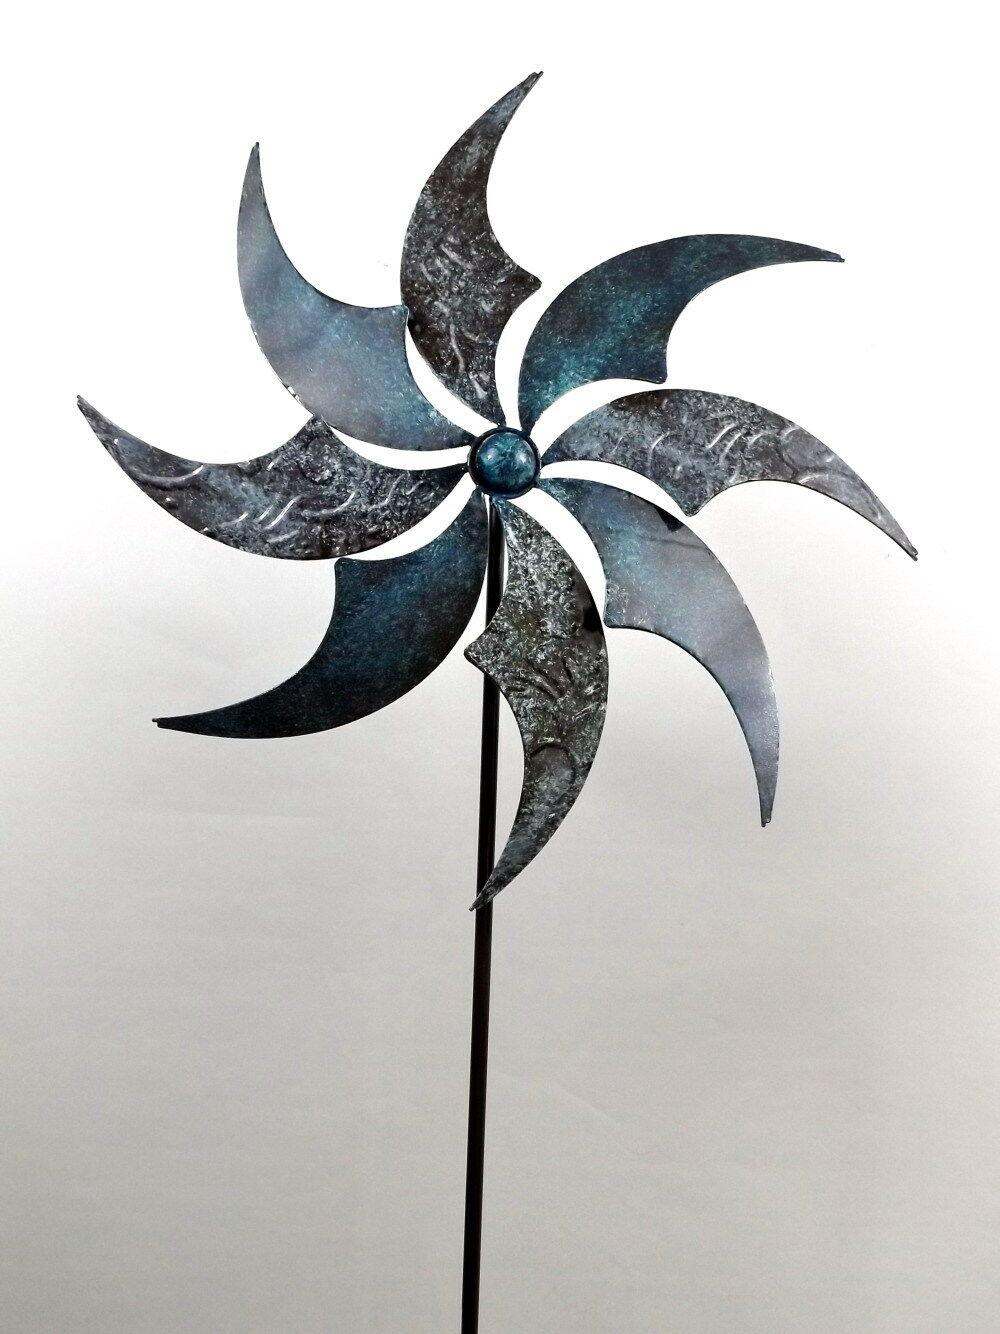 Gartenstecker Windmühle Windrad Metall Blaume Stecker Garten Deko Figur Windspiel